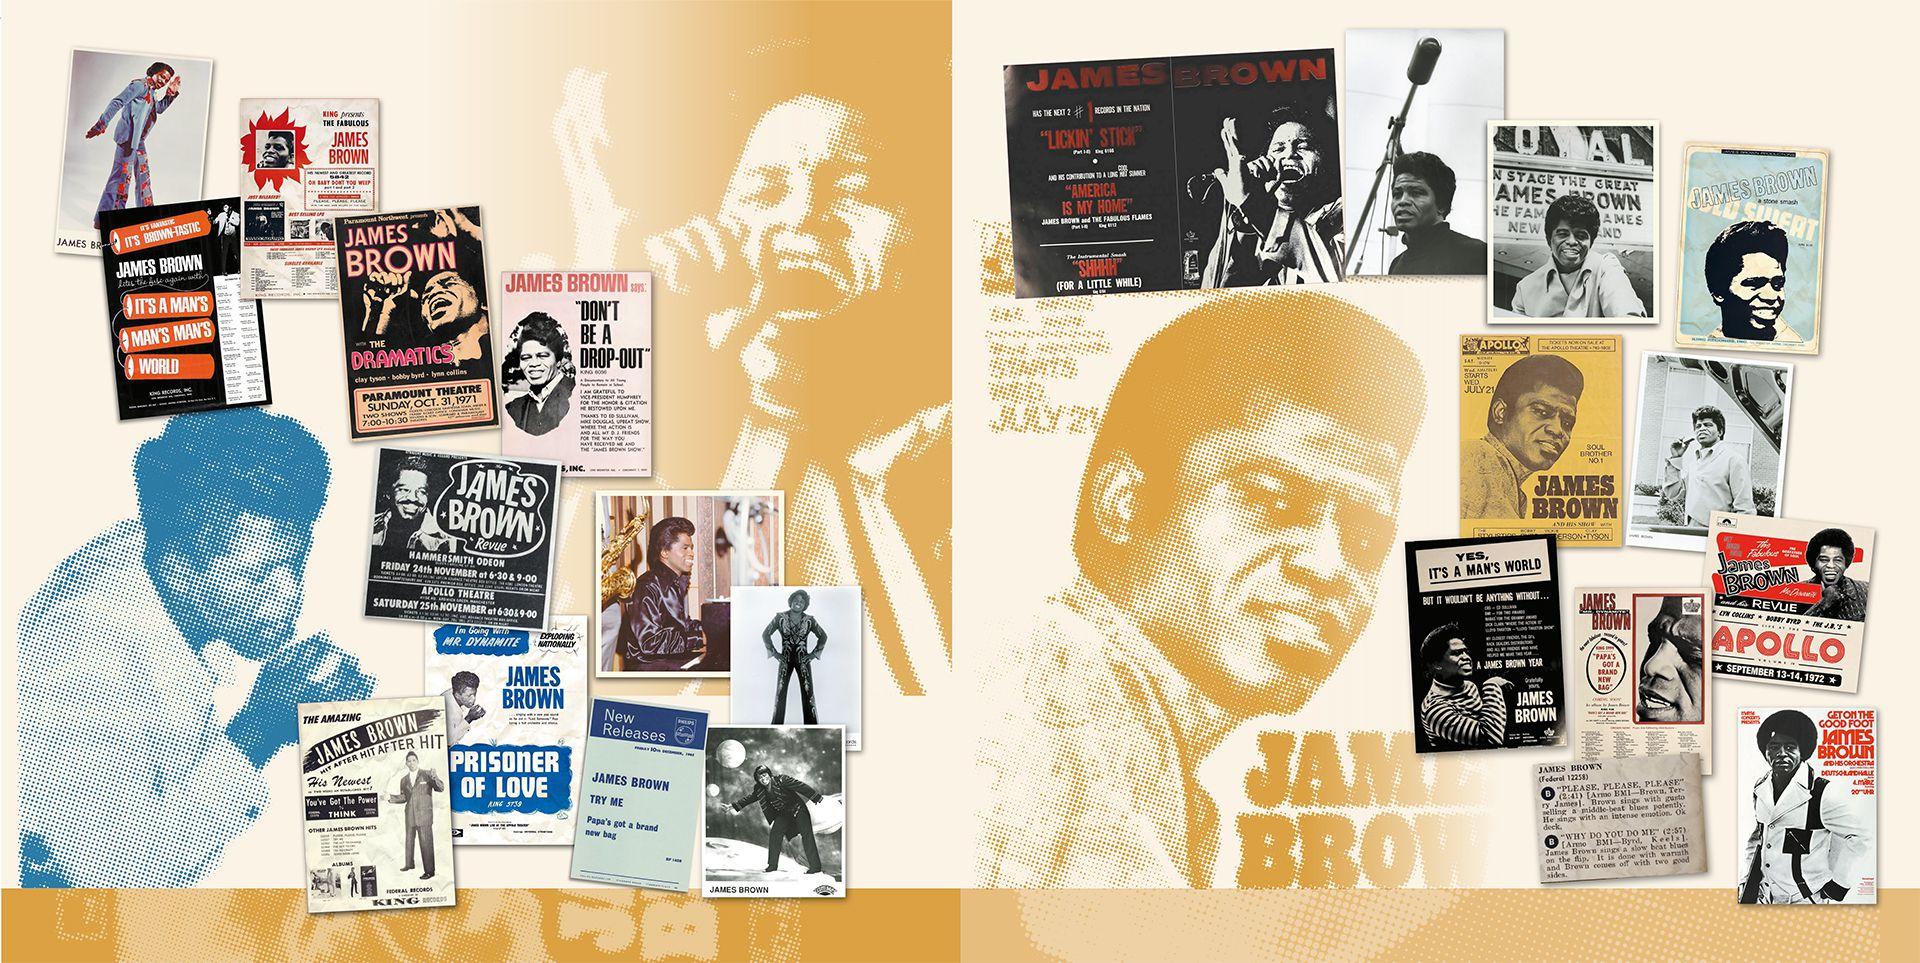 Un nuevo LP recopilatorio Collected de James Brown inspira una mirada al estilo icónico del cantante